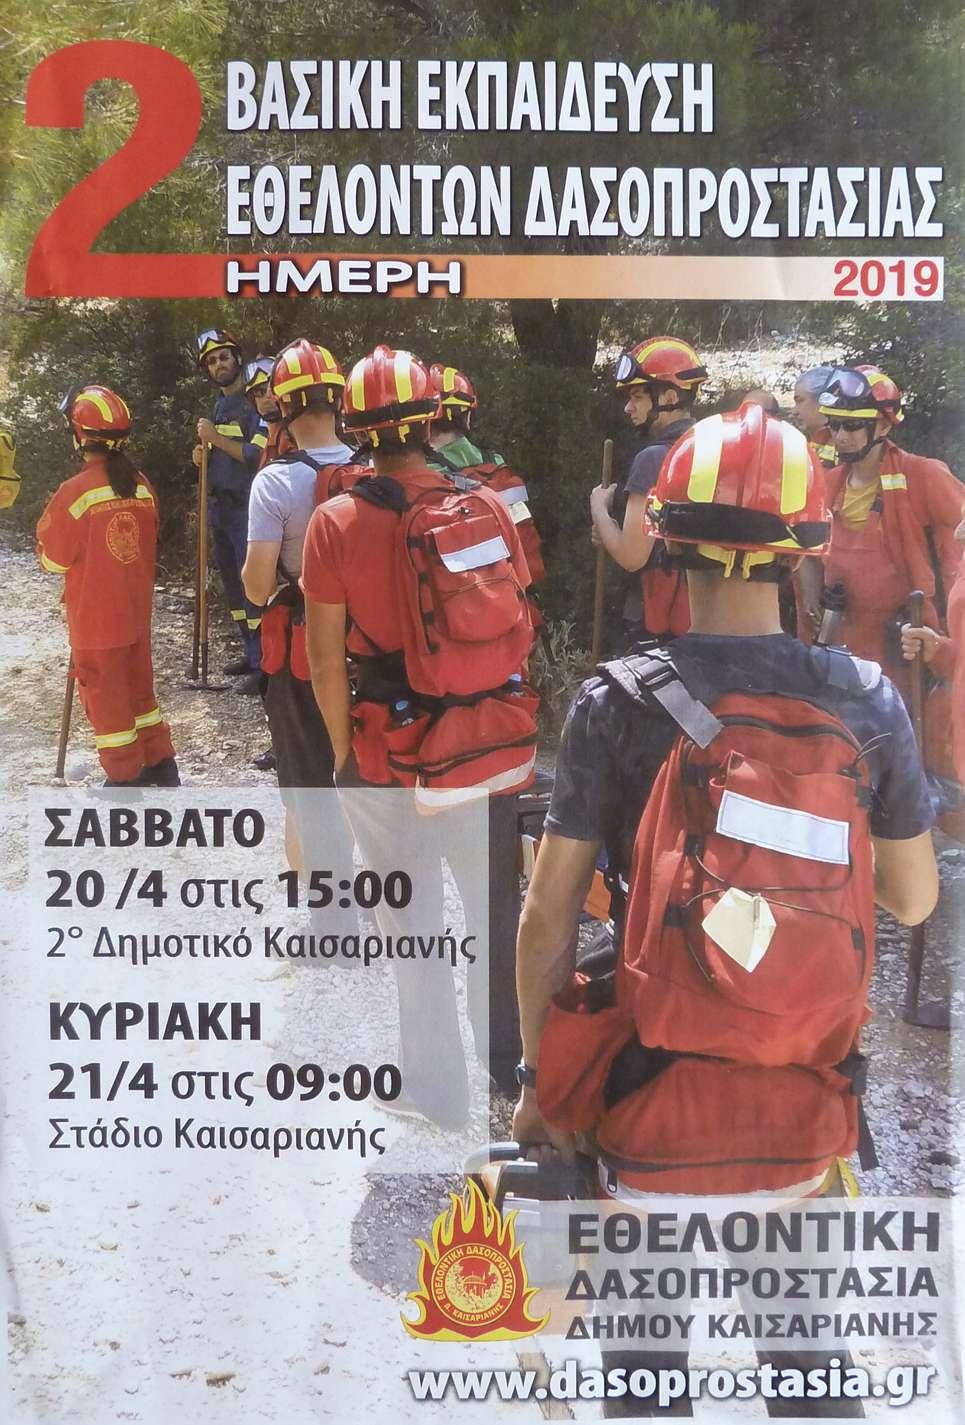 Καισαριανή Βασική εκπαίδευση εθελοντών δασοπροστασίας 2019